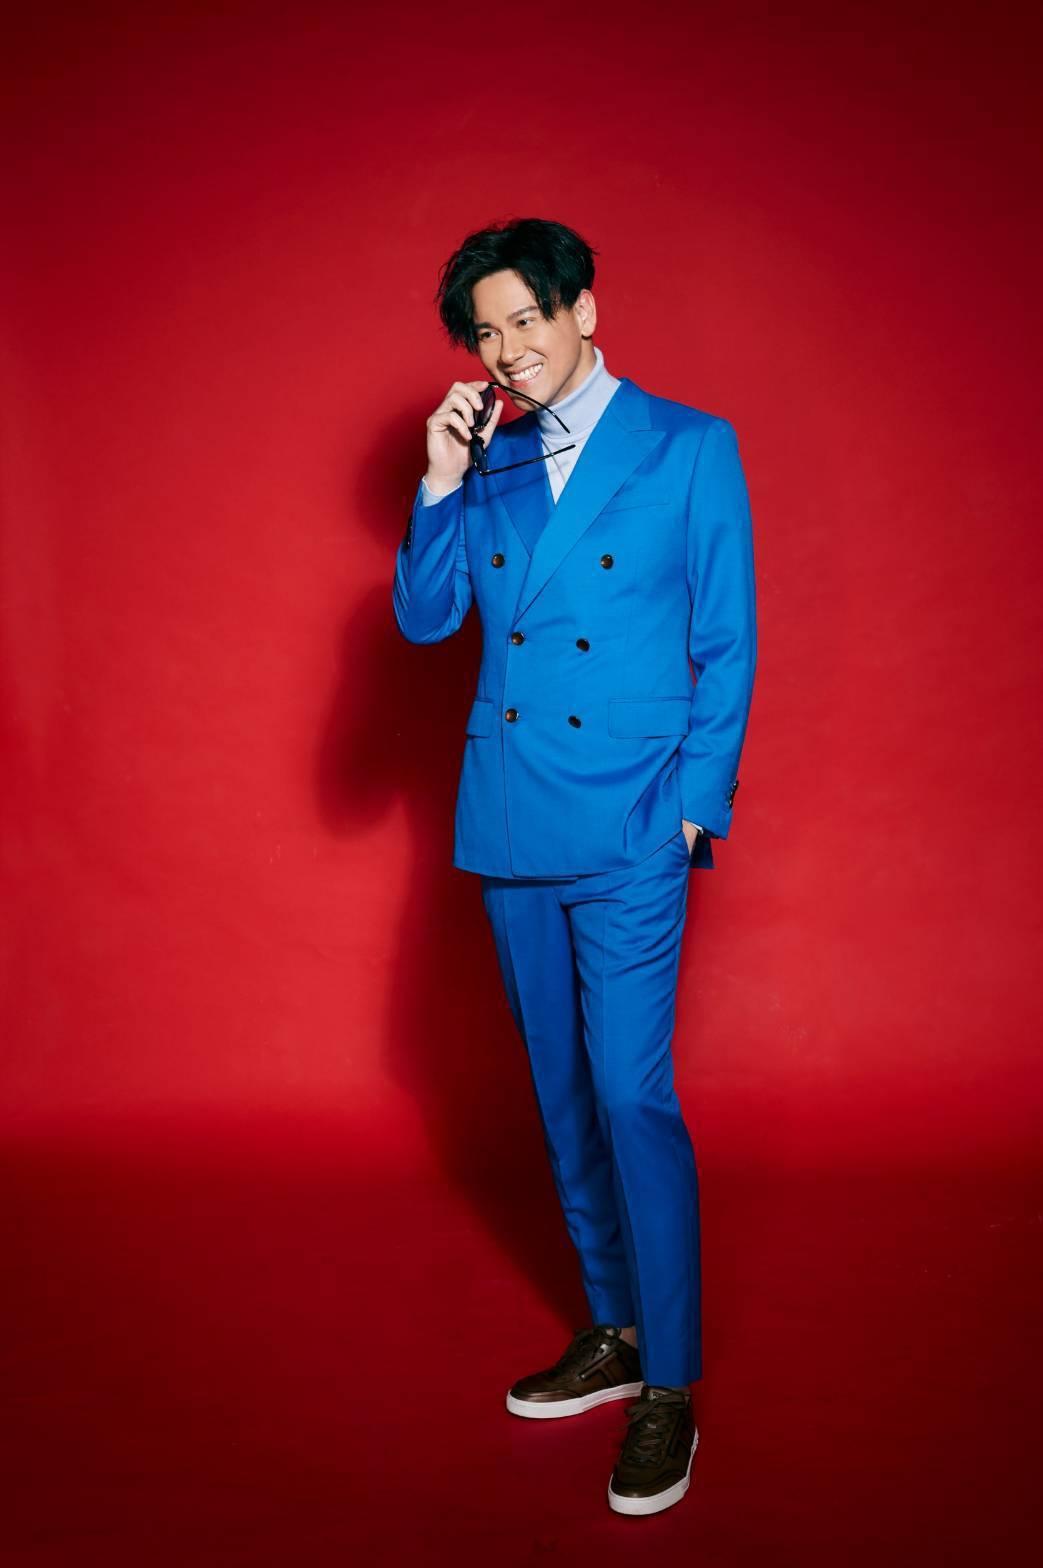 曾在EZ5駐唱7年的李聖傑宣布擔任30周年演唱會嘉賓。圖/錞藝音樂提供